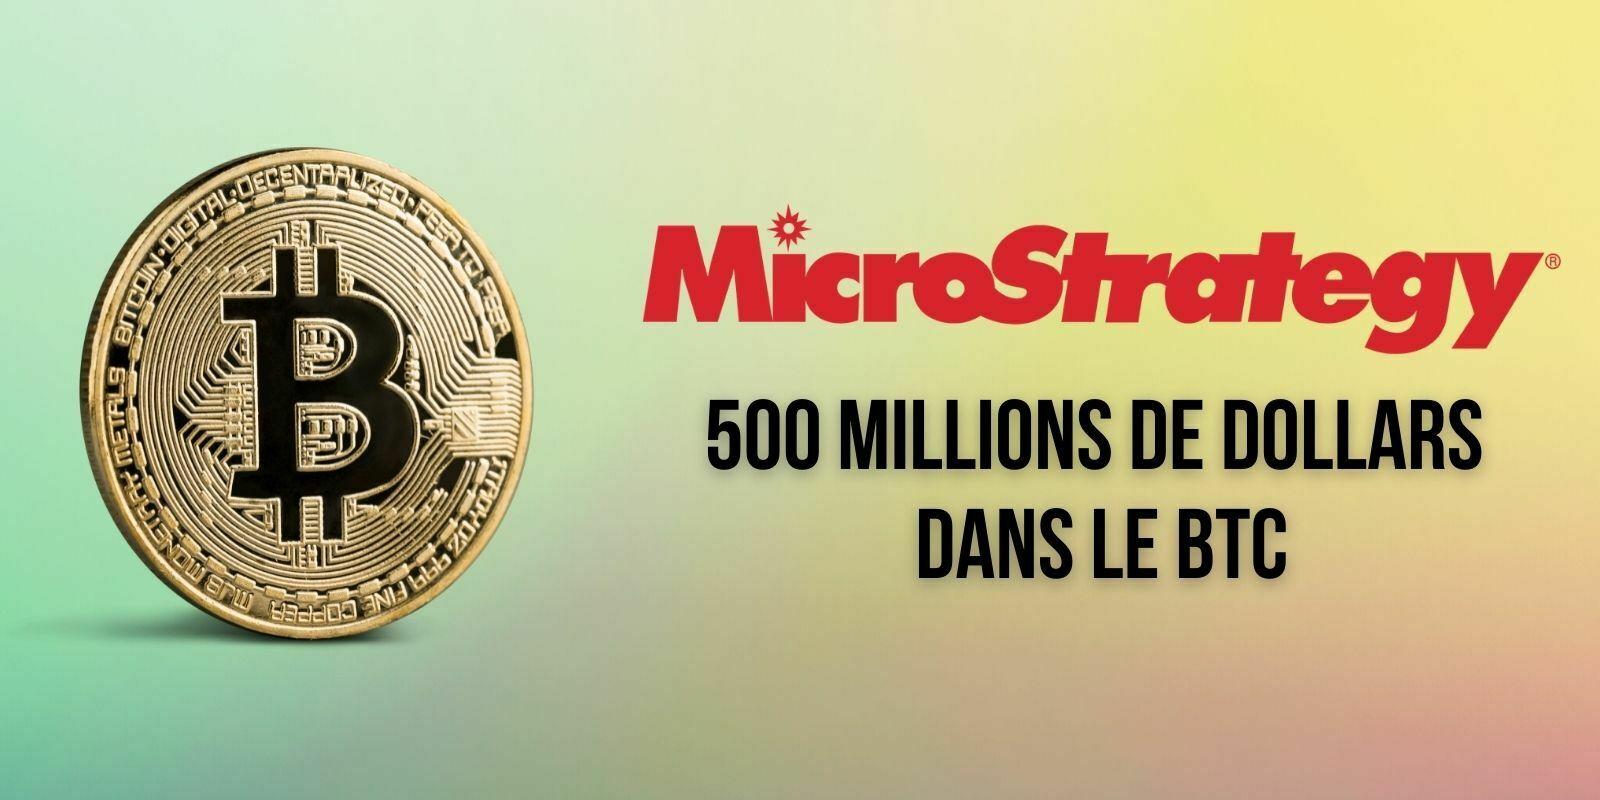 MicroStrategy s'apprête à injecter 500 millions de dollars dans le Bitcoin (BTC)